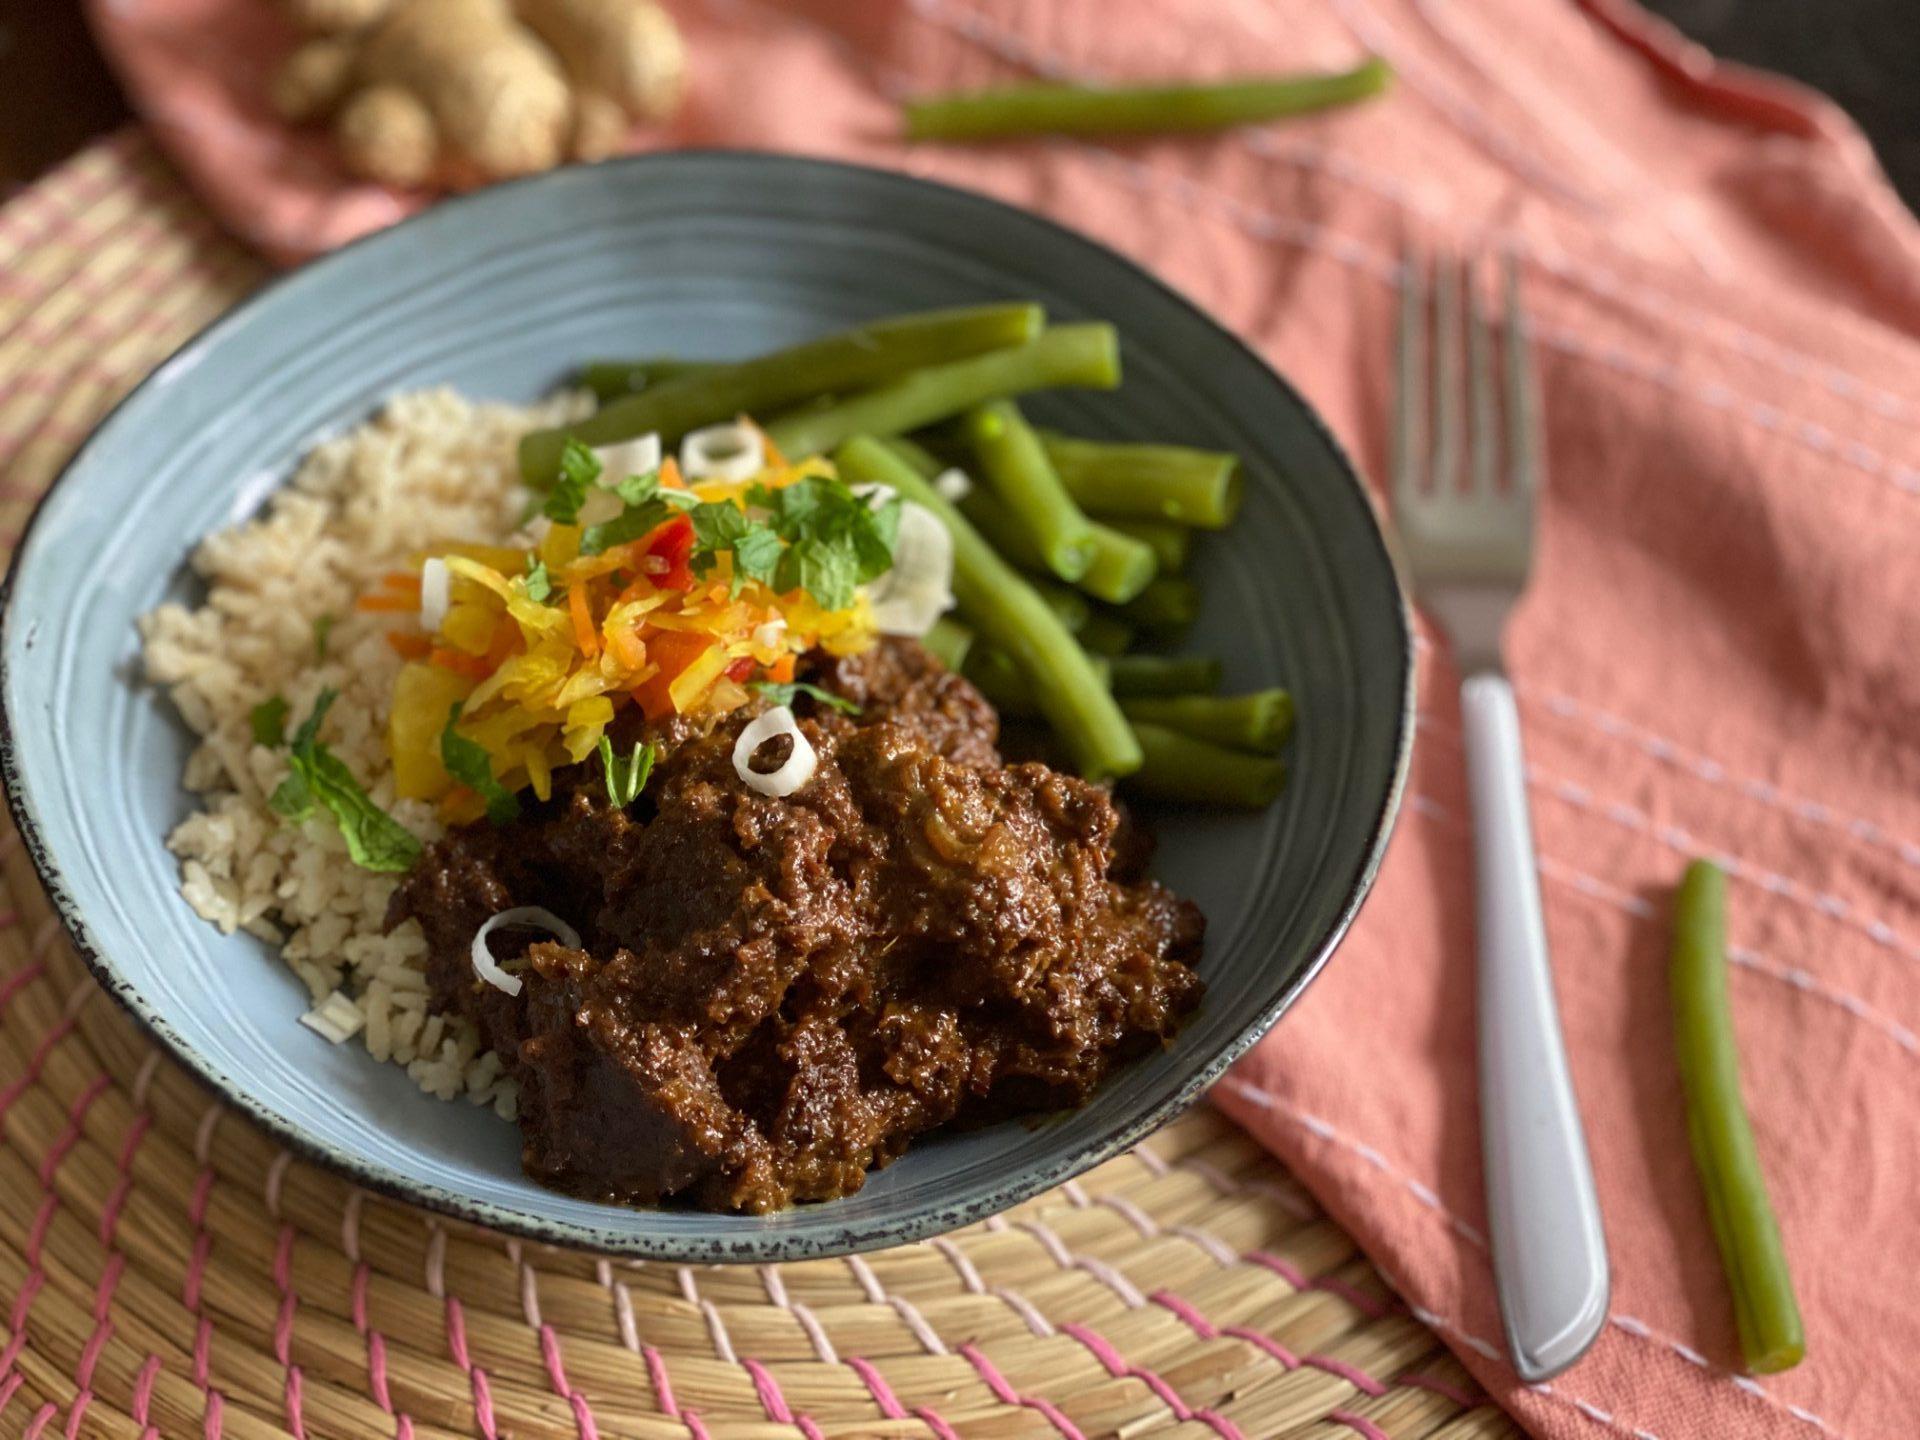 Rendang maken - Indonesisch stoofvlees volgens Foodblog Foodinista